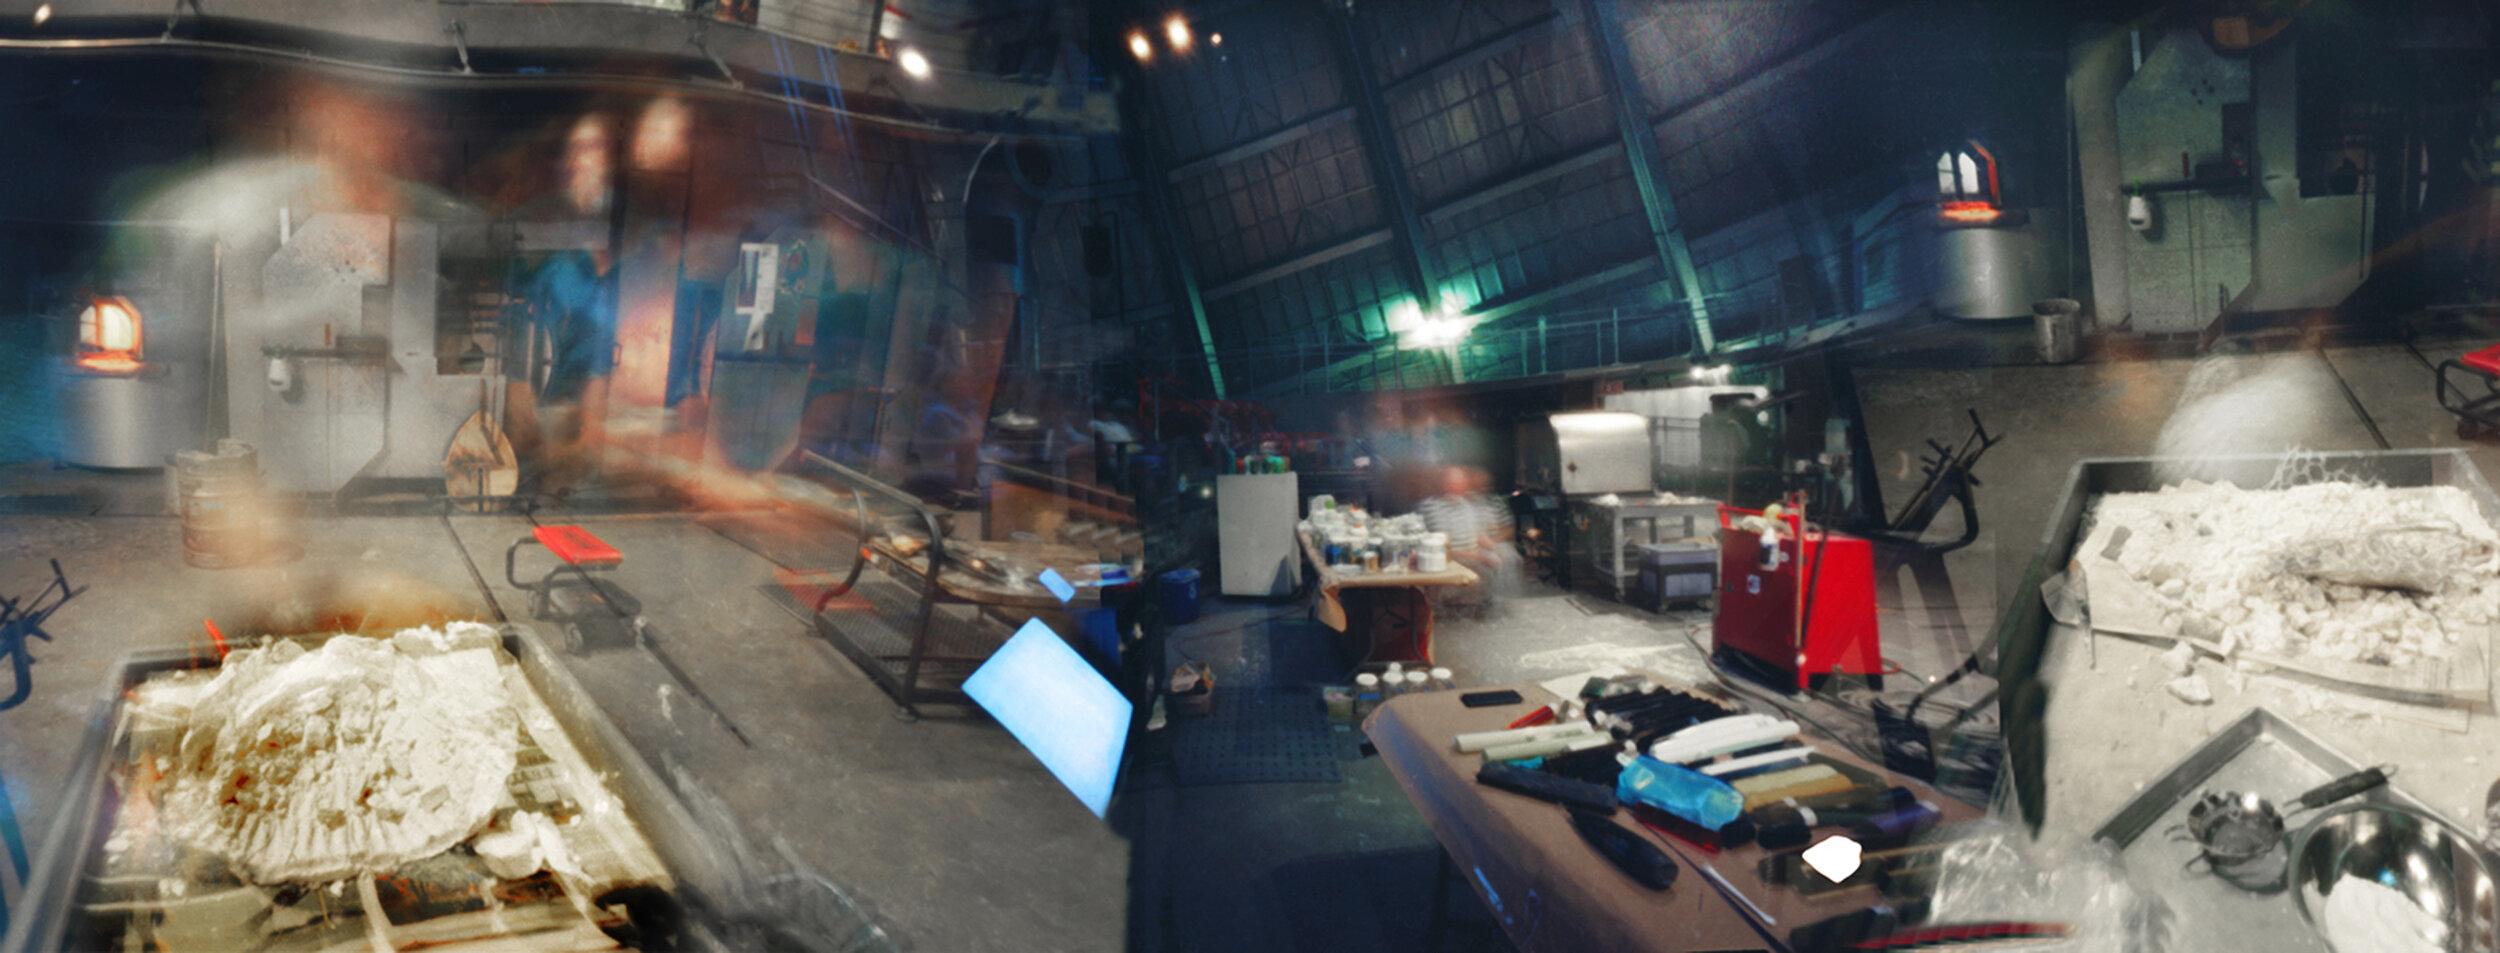 Museum of Glass, Tacoma, WA